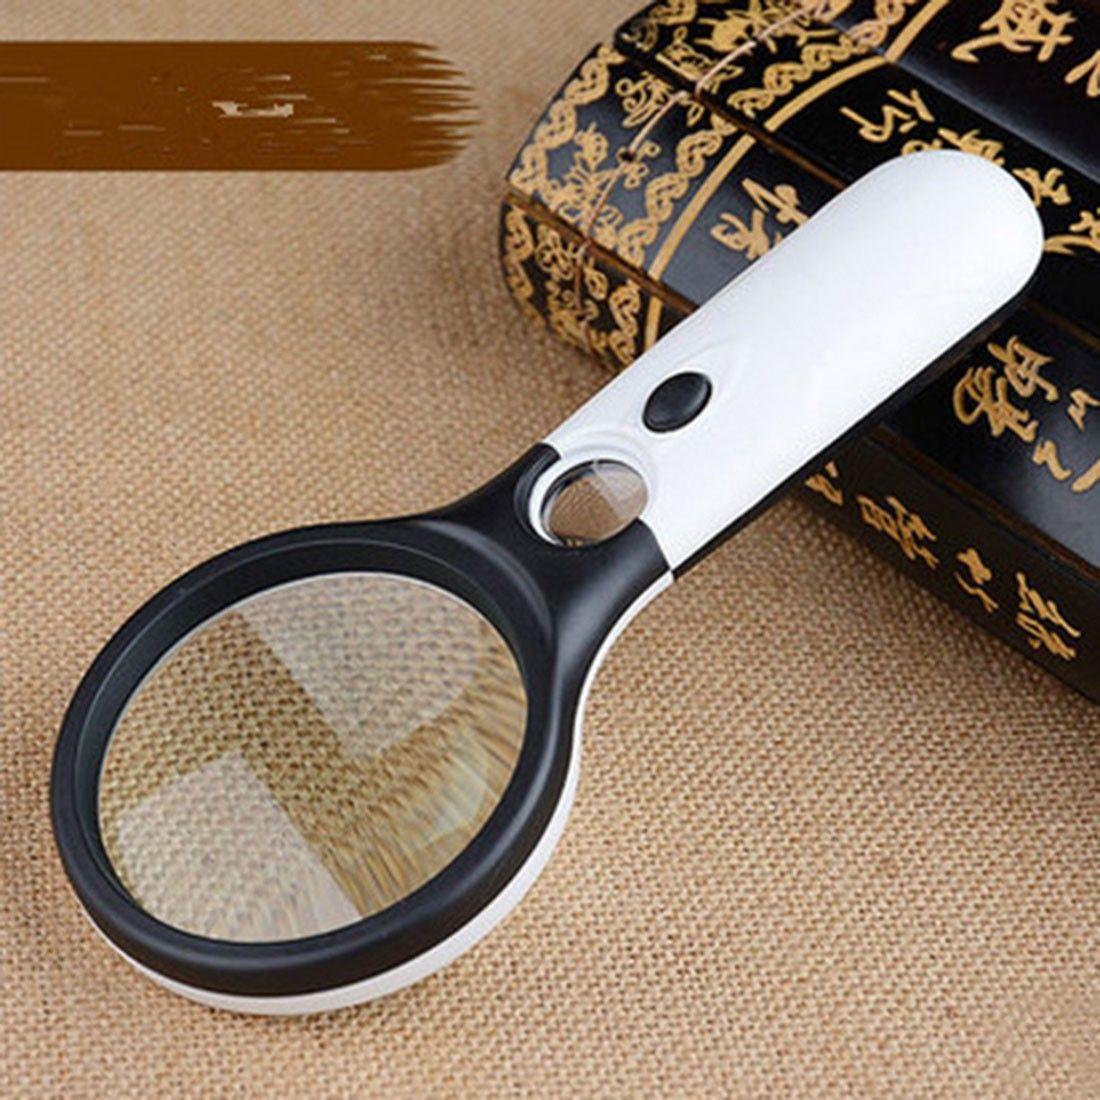 Poche 3X 45X loupe illuminée Microscope loupe aide à la lecture pour les personnes âgées loupe bijoux outil de réparation avec 3 LED